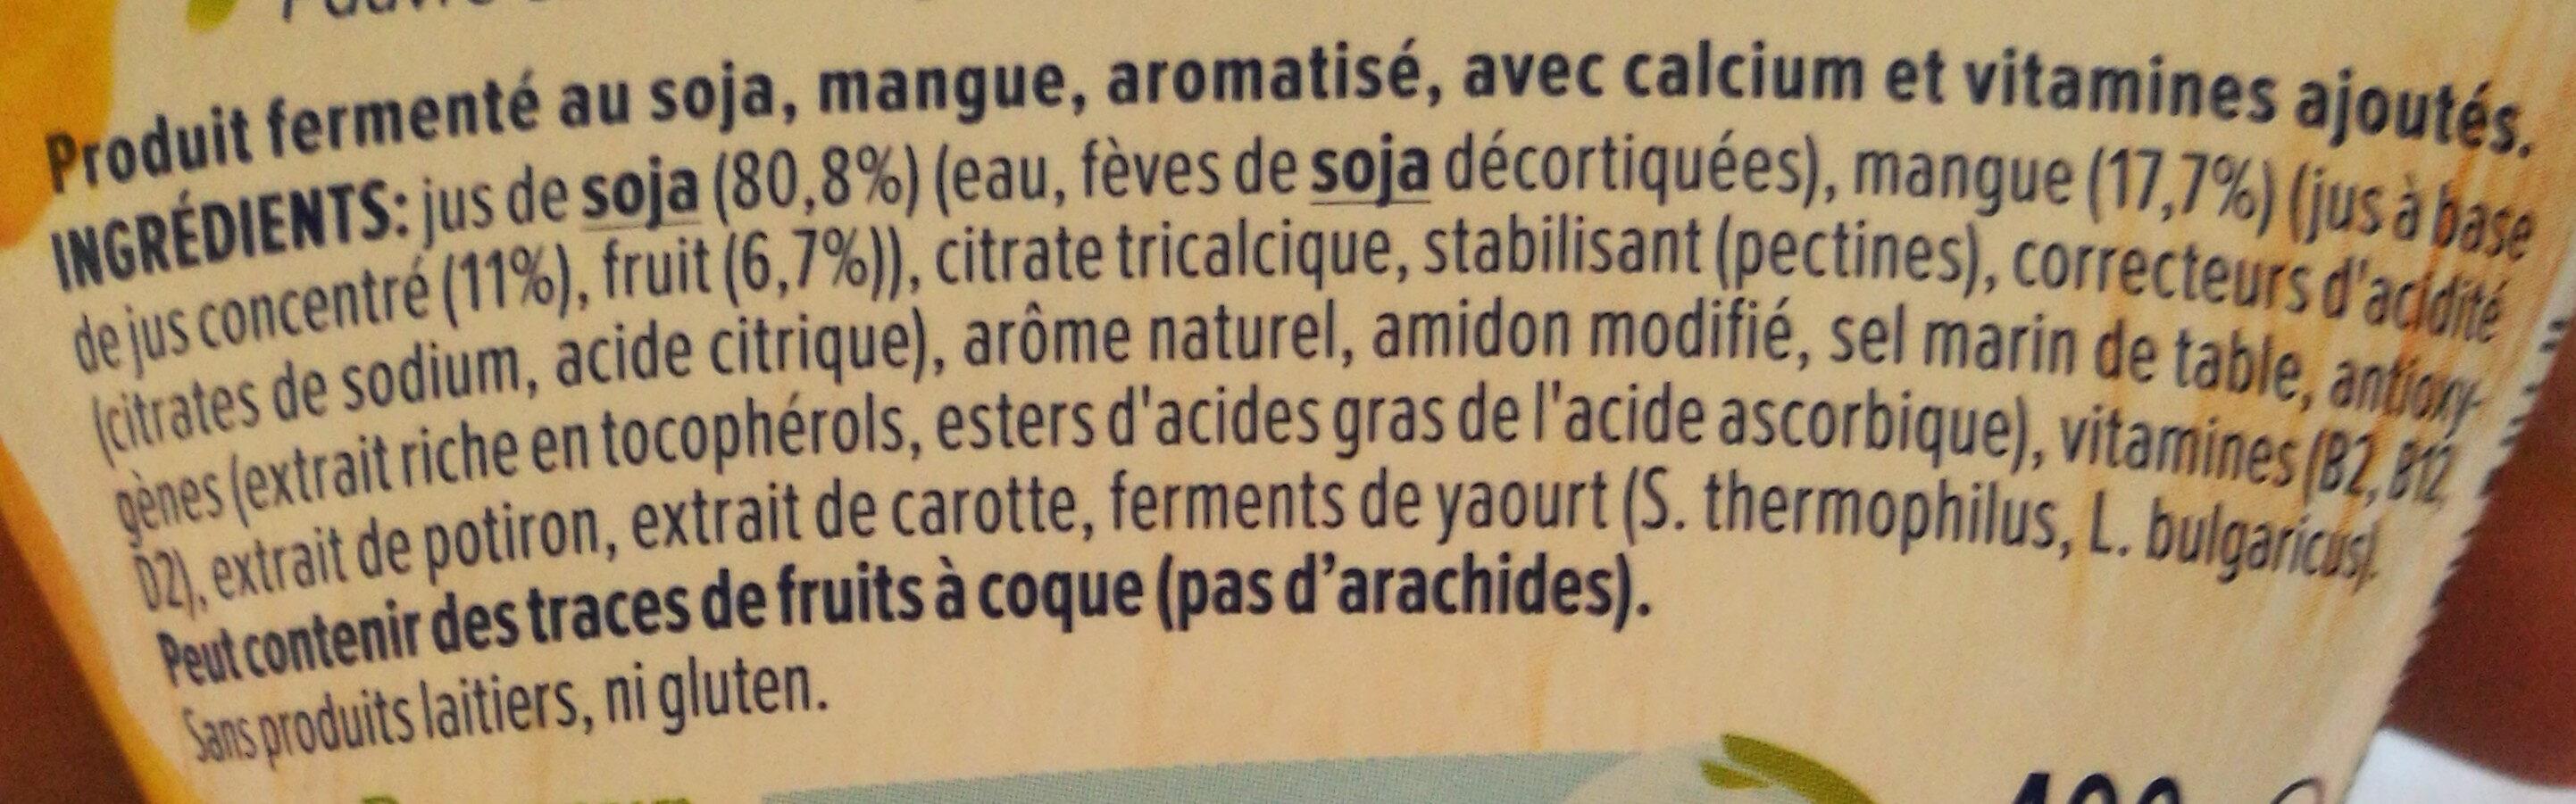 Produit fermenté au soja et à la mangue - Ingredients - fr